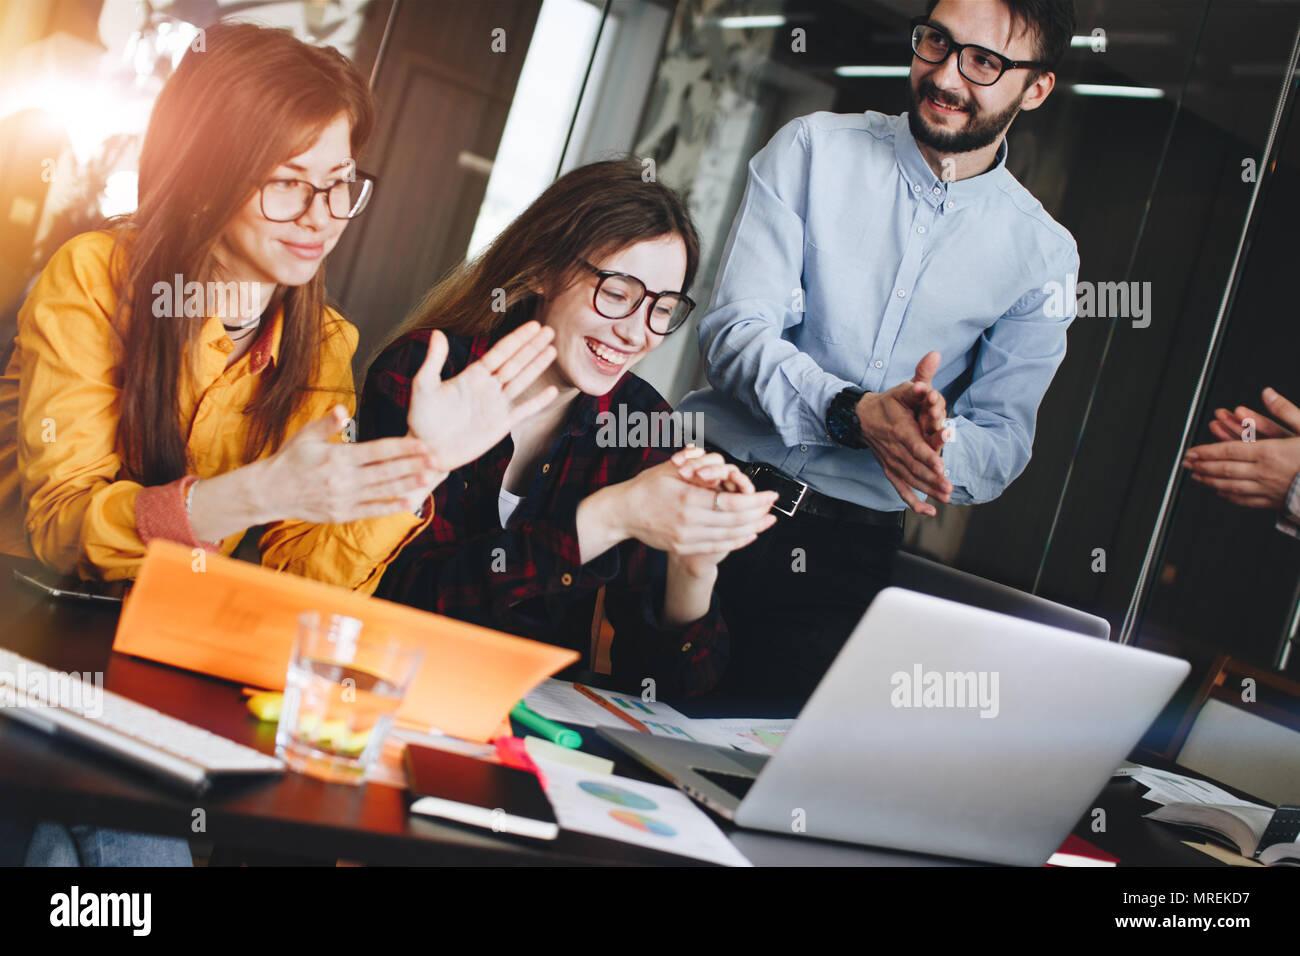 Gruppe von Partnern applaudieren Reporter nach dem Vortrag in der modernen Loft Zimmer. Applaus nach der Konferenz. Coworking team Stockfoto